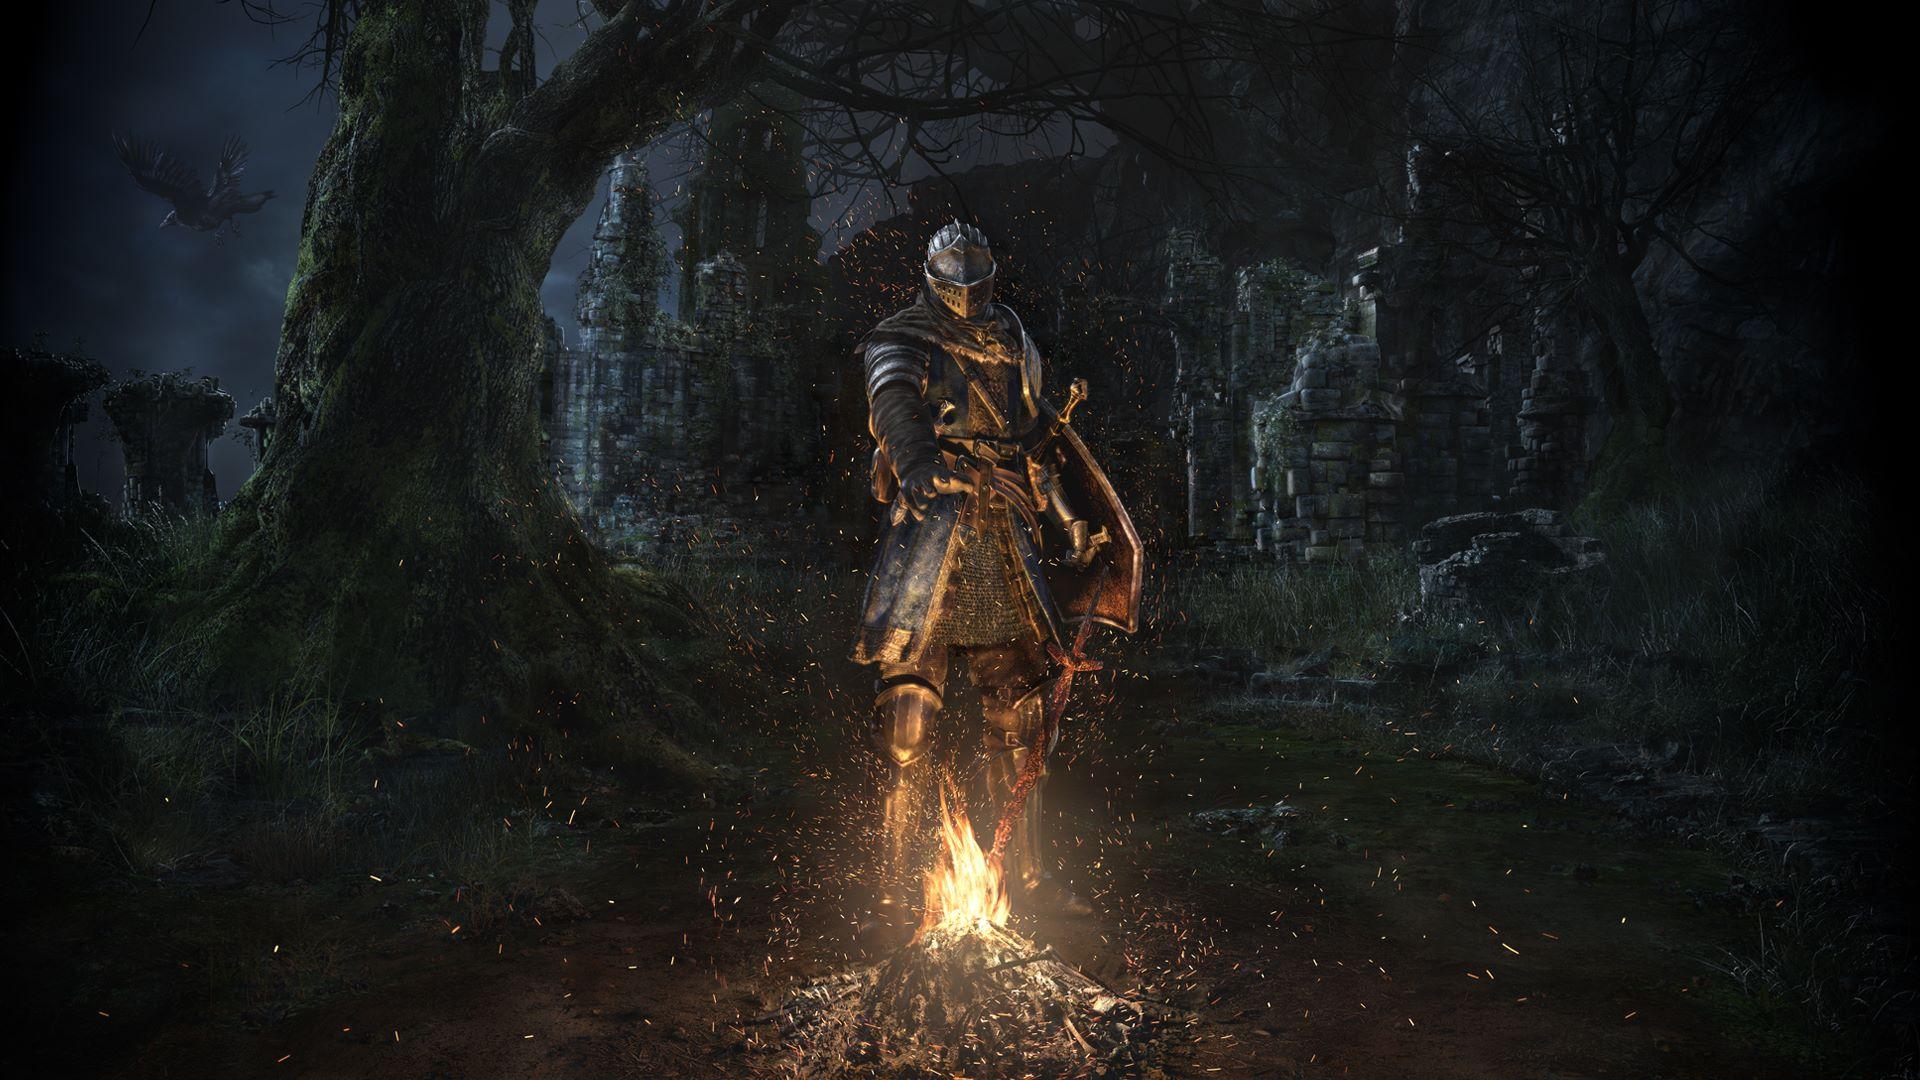 Un viaggio nell'iconografia di FromSoftware: Dark Souls 1